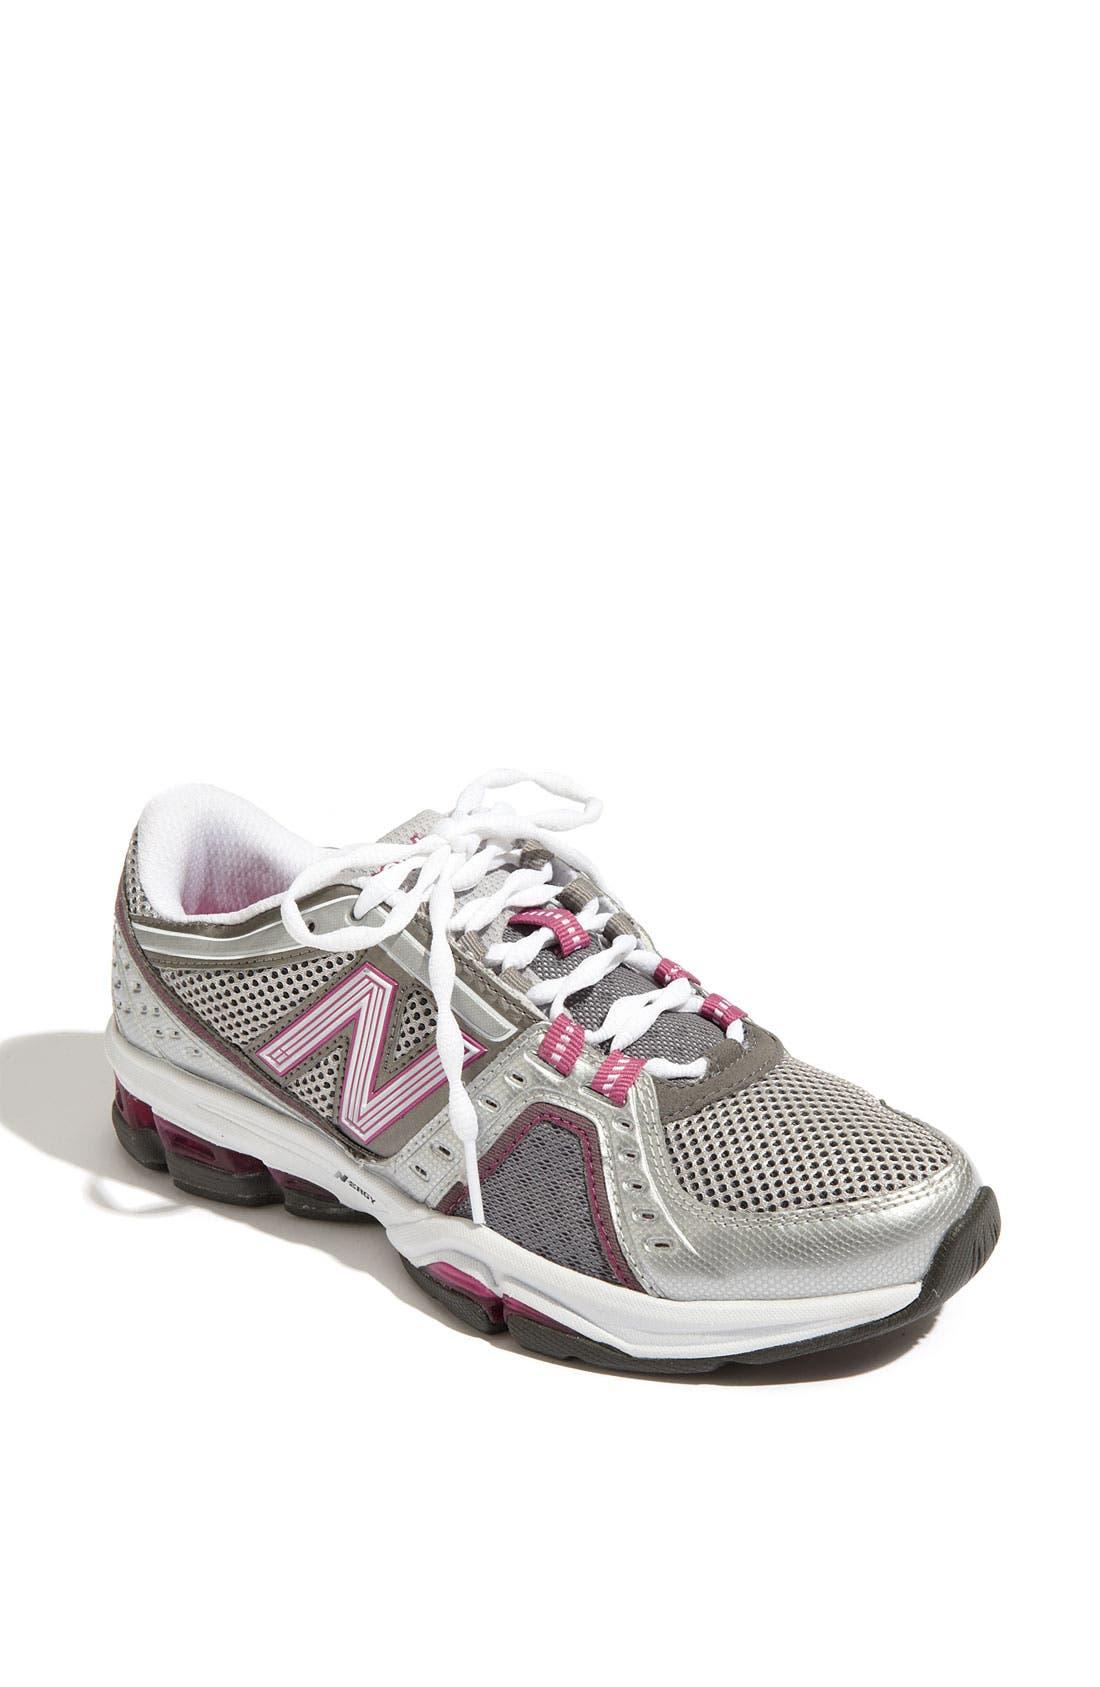 Alternate Image 1 Selected - New Balance '1211' Training Shoe (Women)